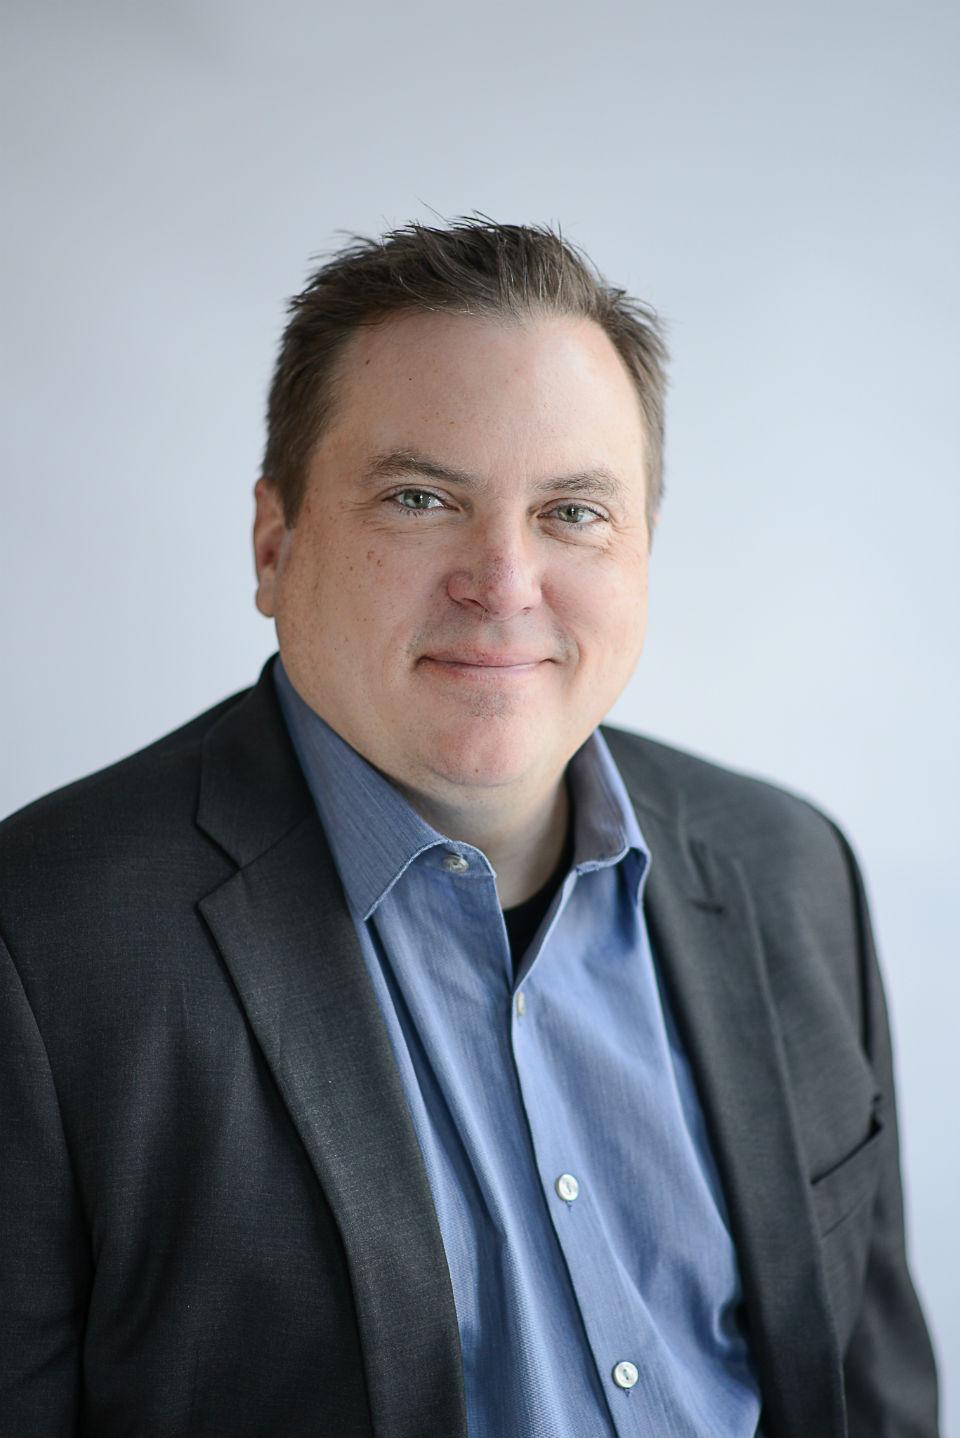 Curt Isernhagen